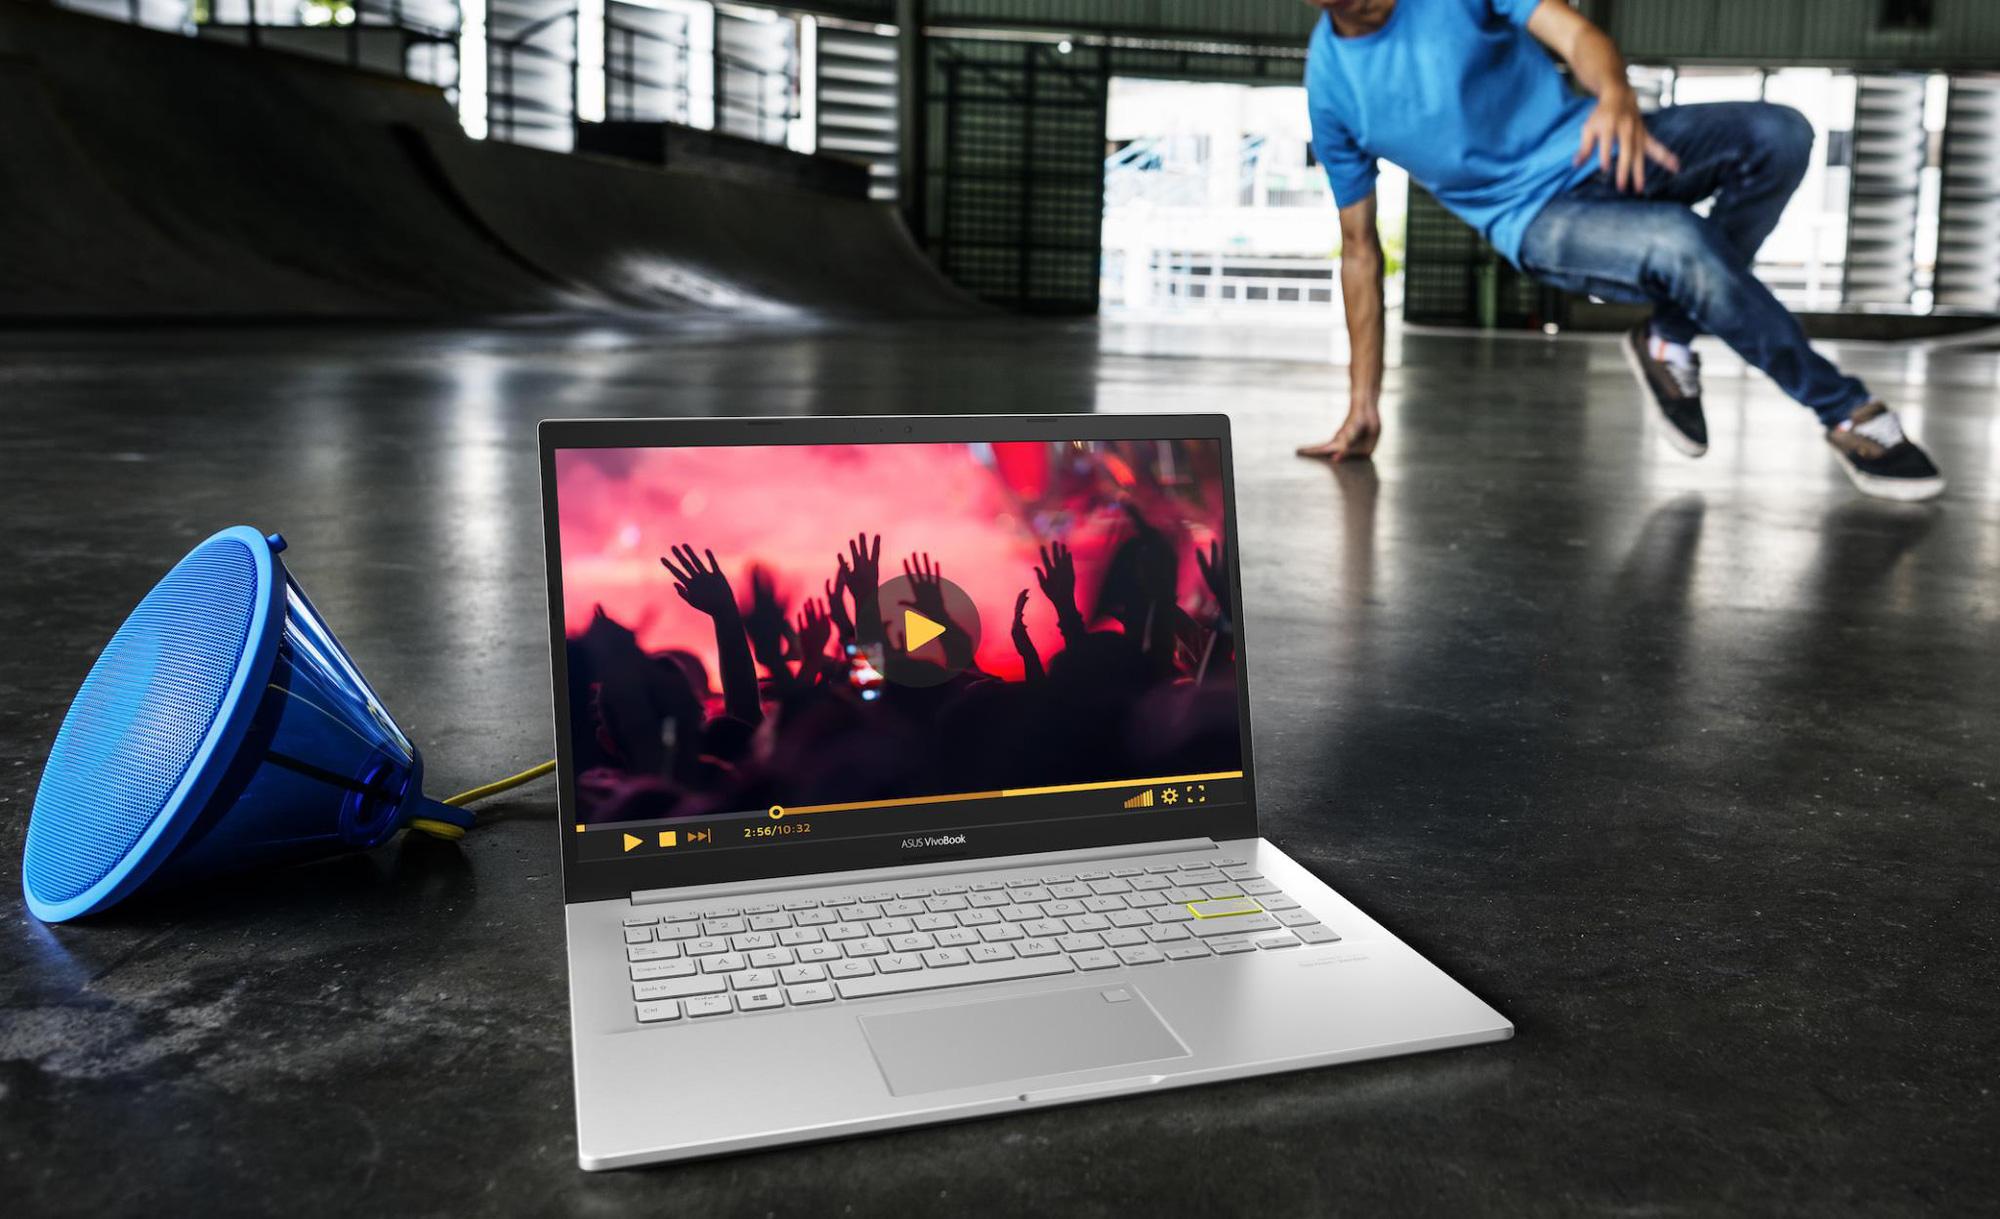 ASUS VivoBook 15 OLED - Mẫu laptop hot hit mới cho Gen Z mùa tựu trường 2021 - Ảnh 1.